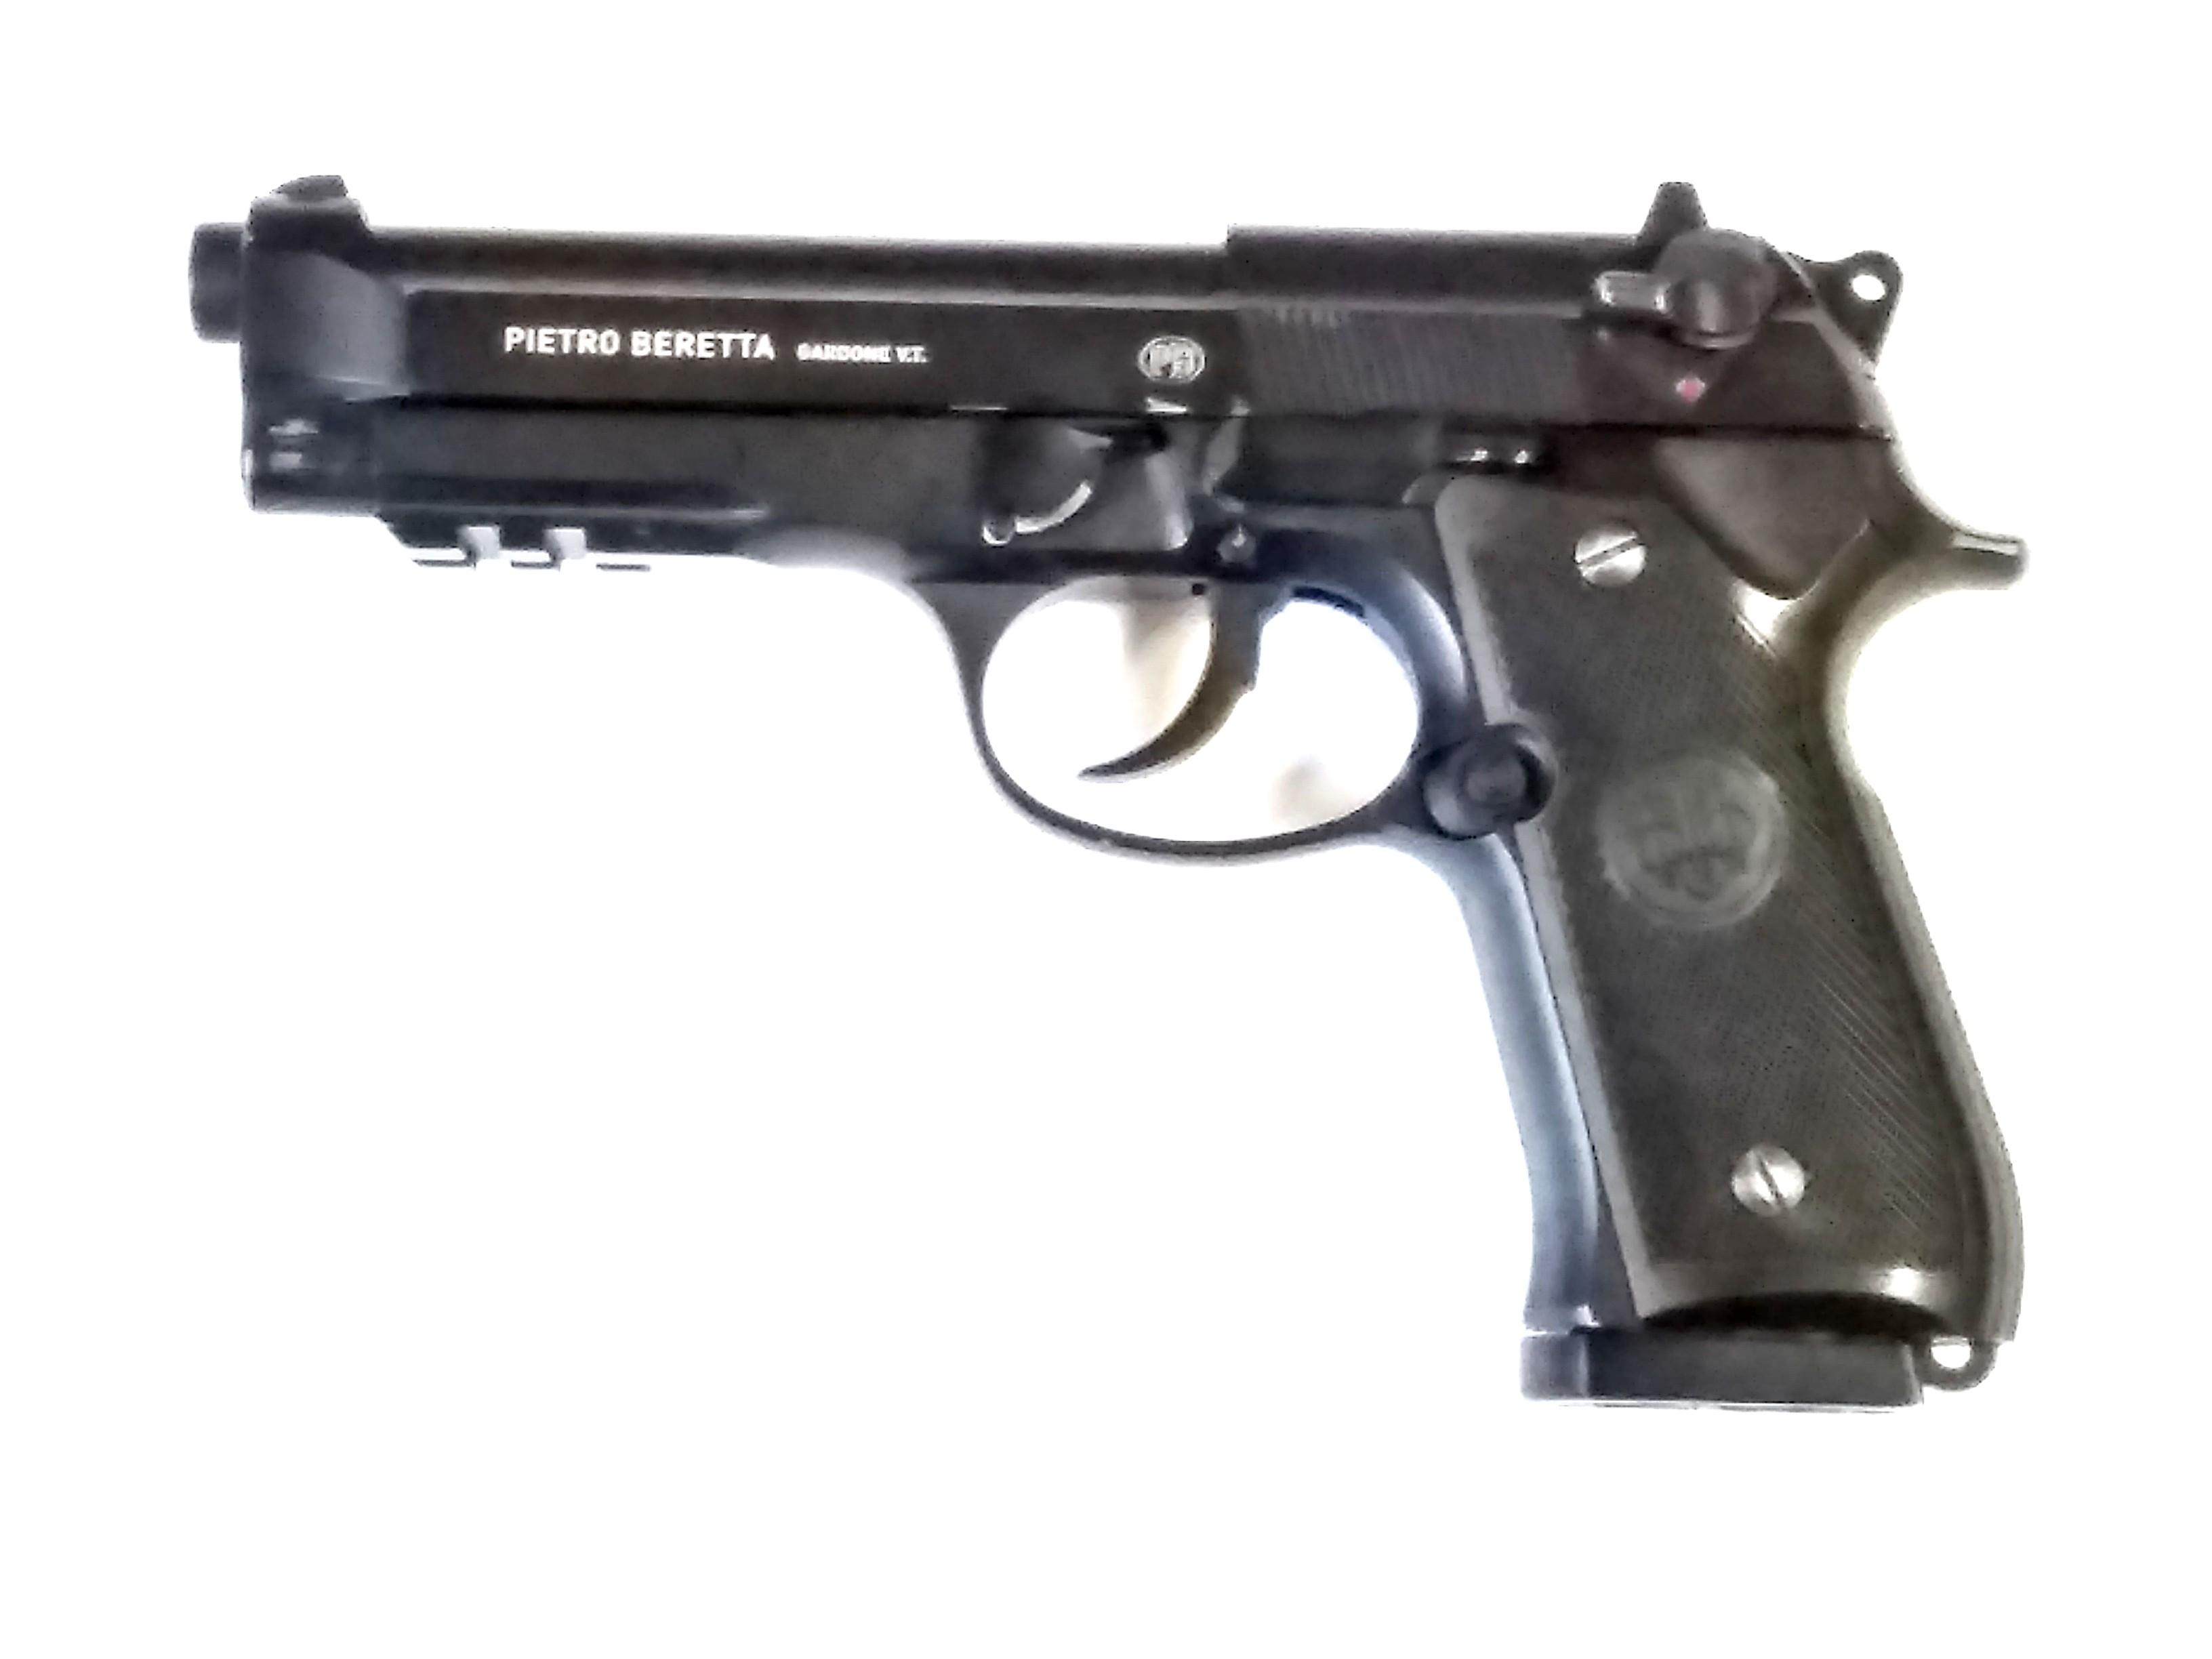 PIETRO BERETTA FULL/SEMI AUTO 4.5mm BB PISTOL